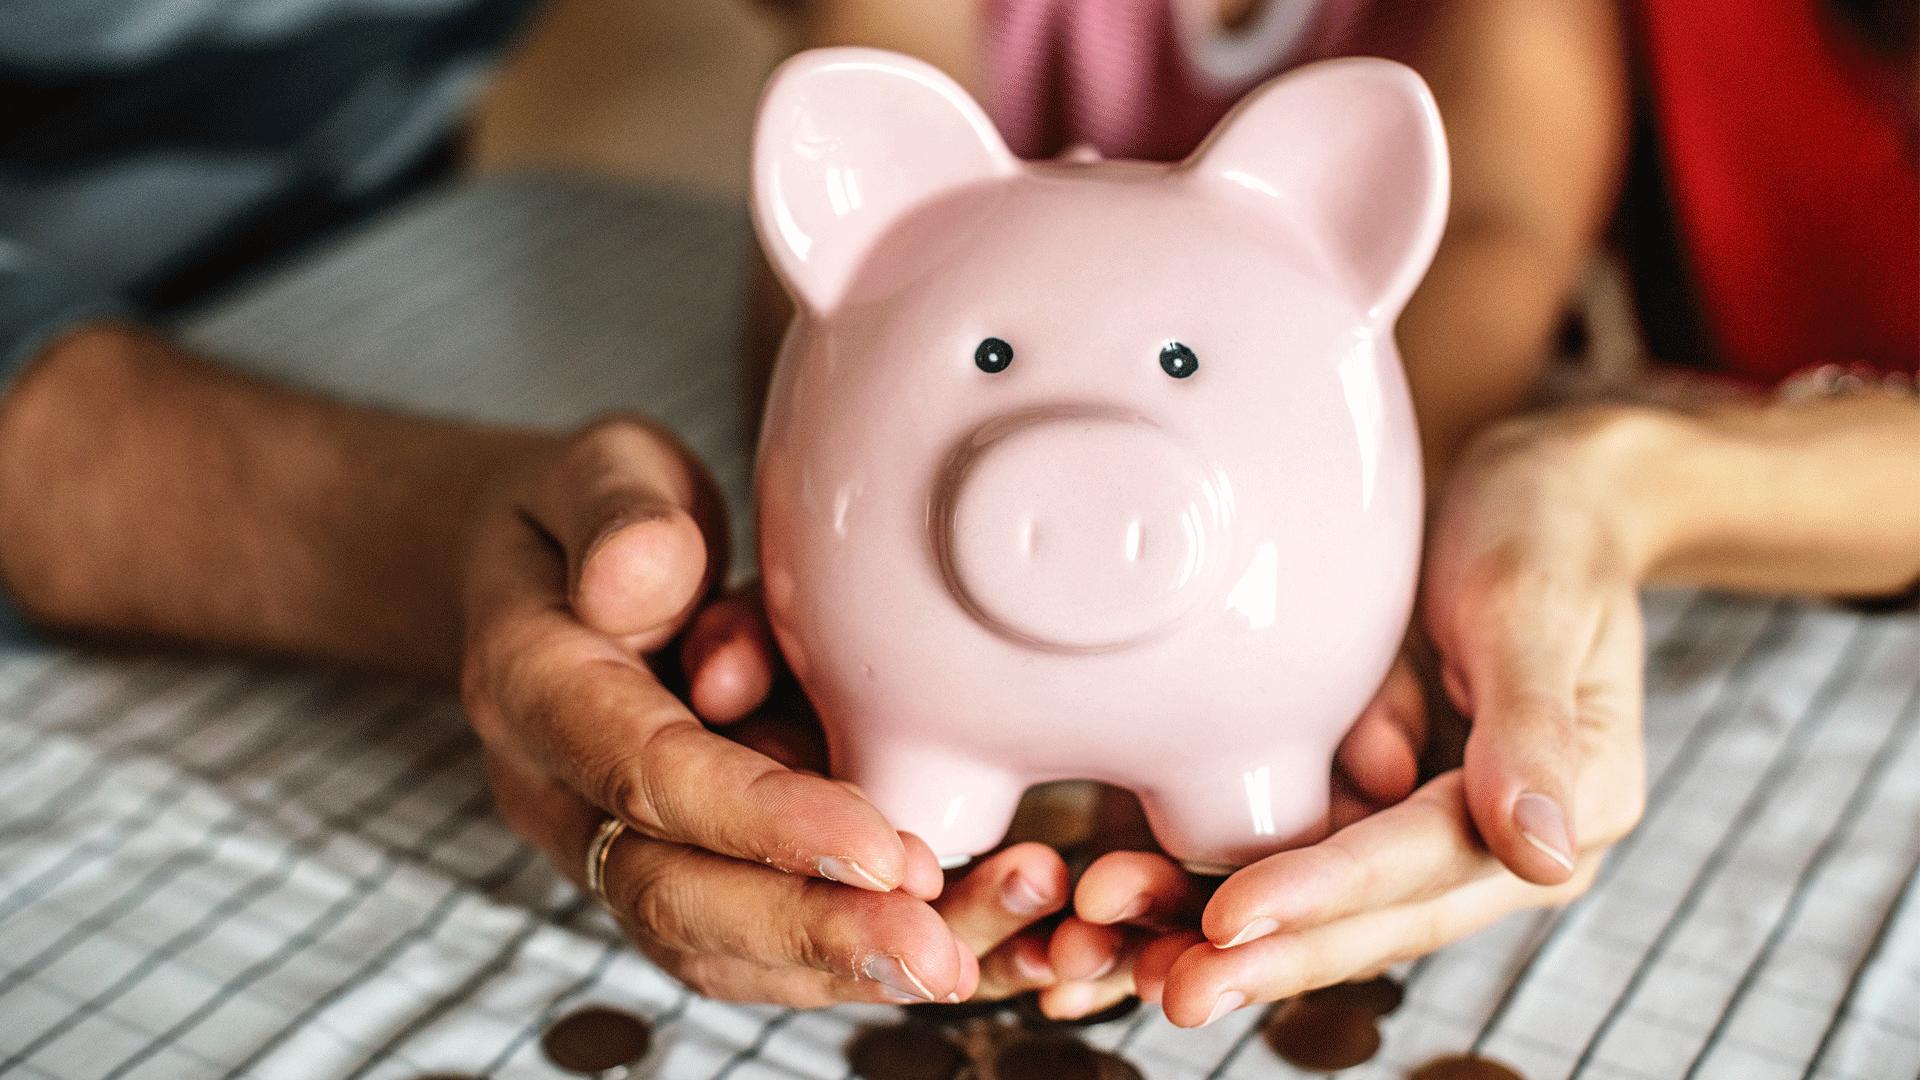 Hướng dẫn cách quản lý tài chính gia đình hiệu quả